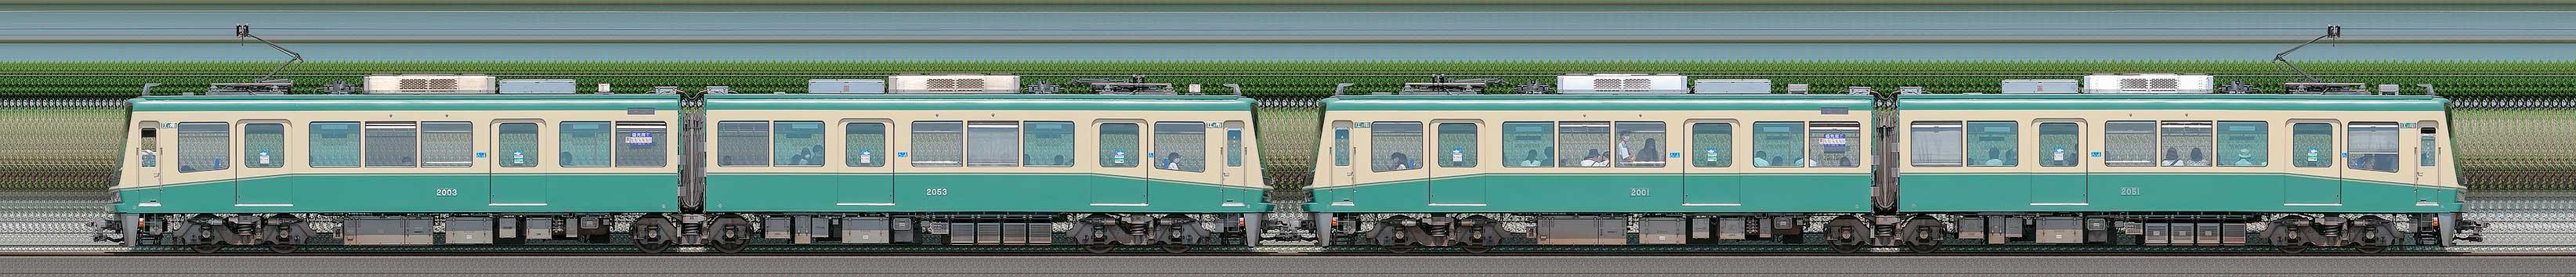 江ノ電2000形2003編成+2001編成(海側)の編成サイドビュー